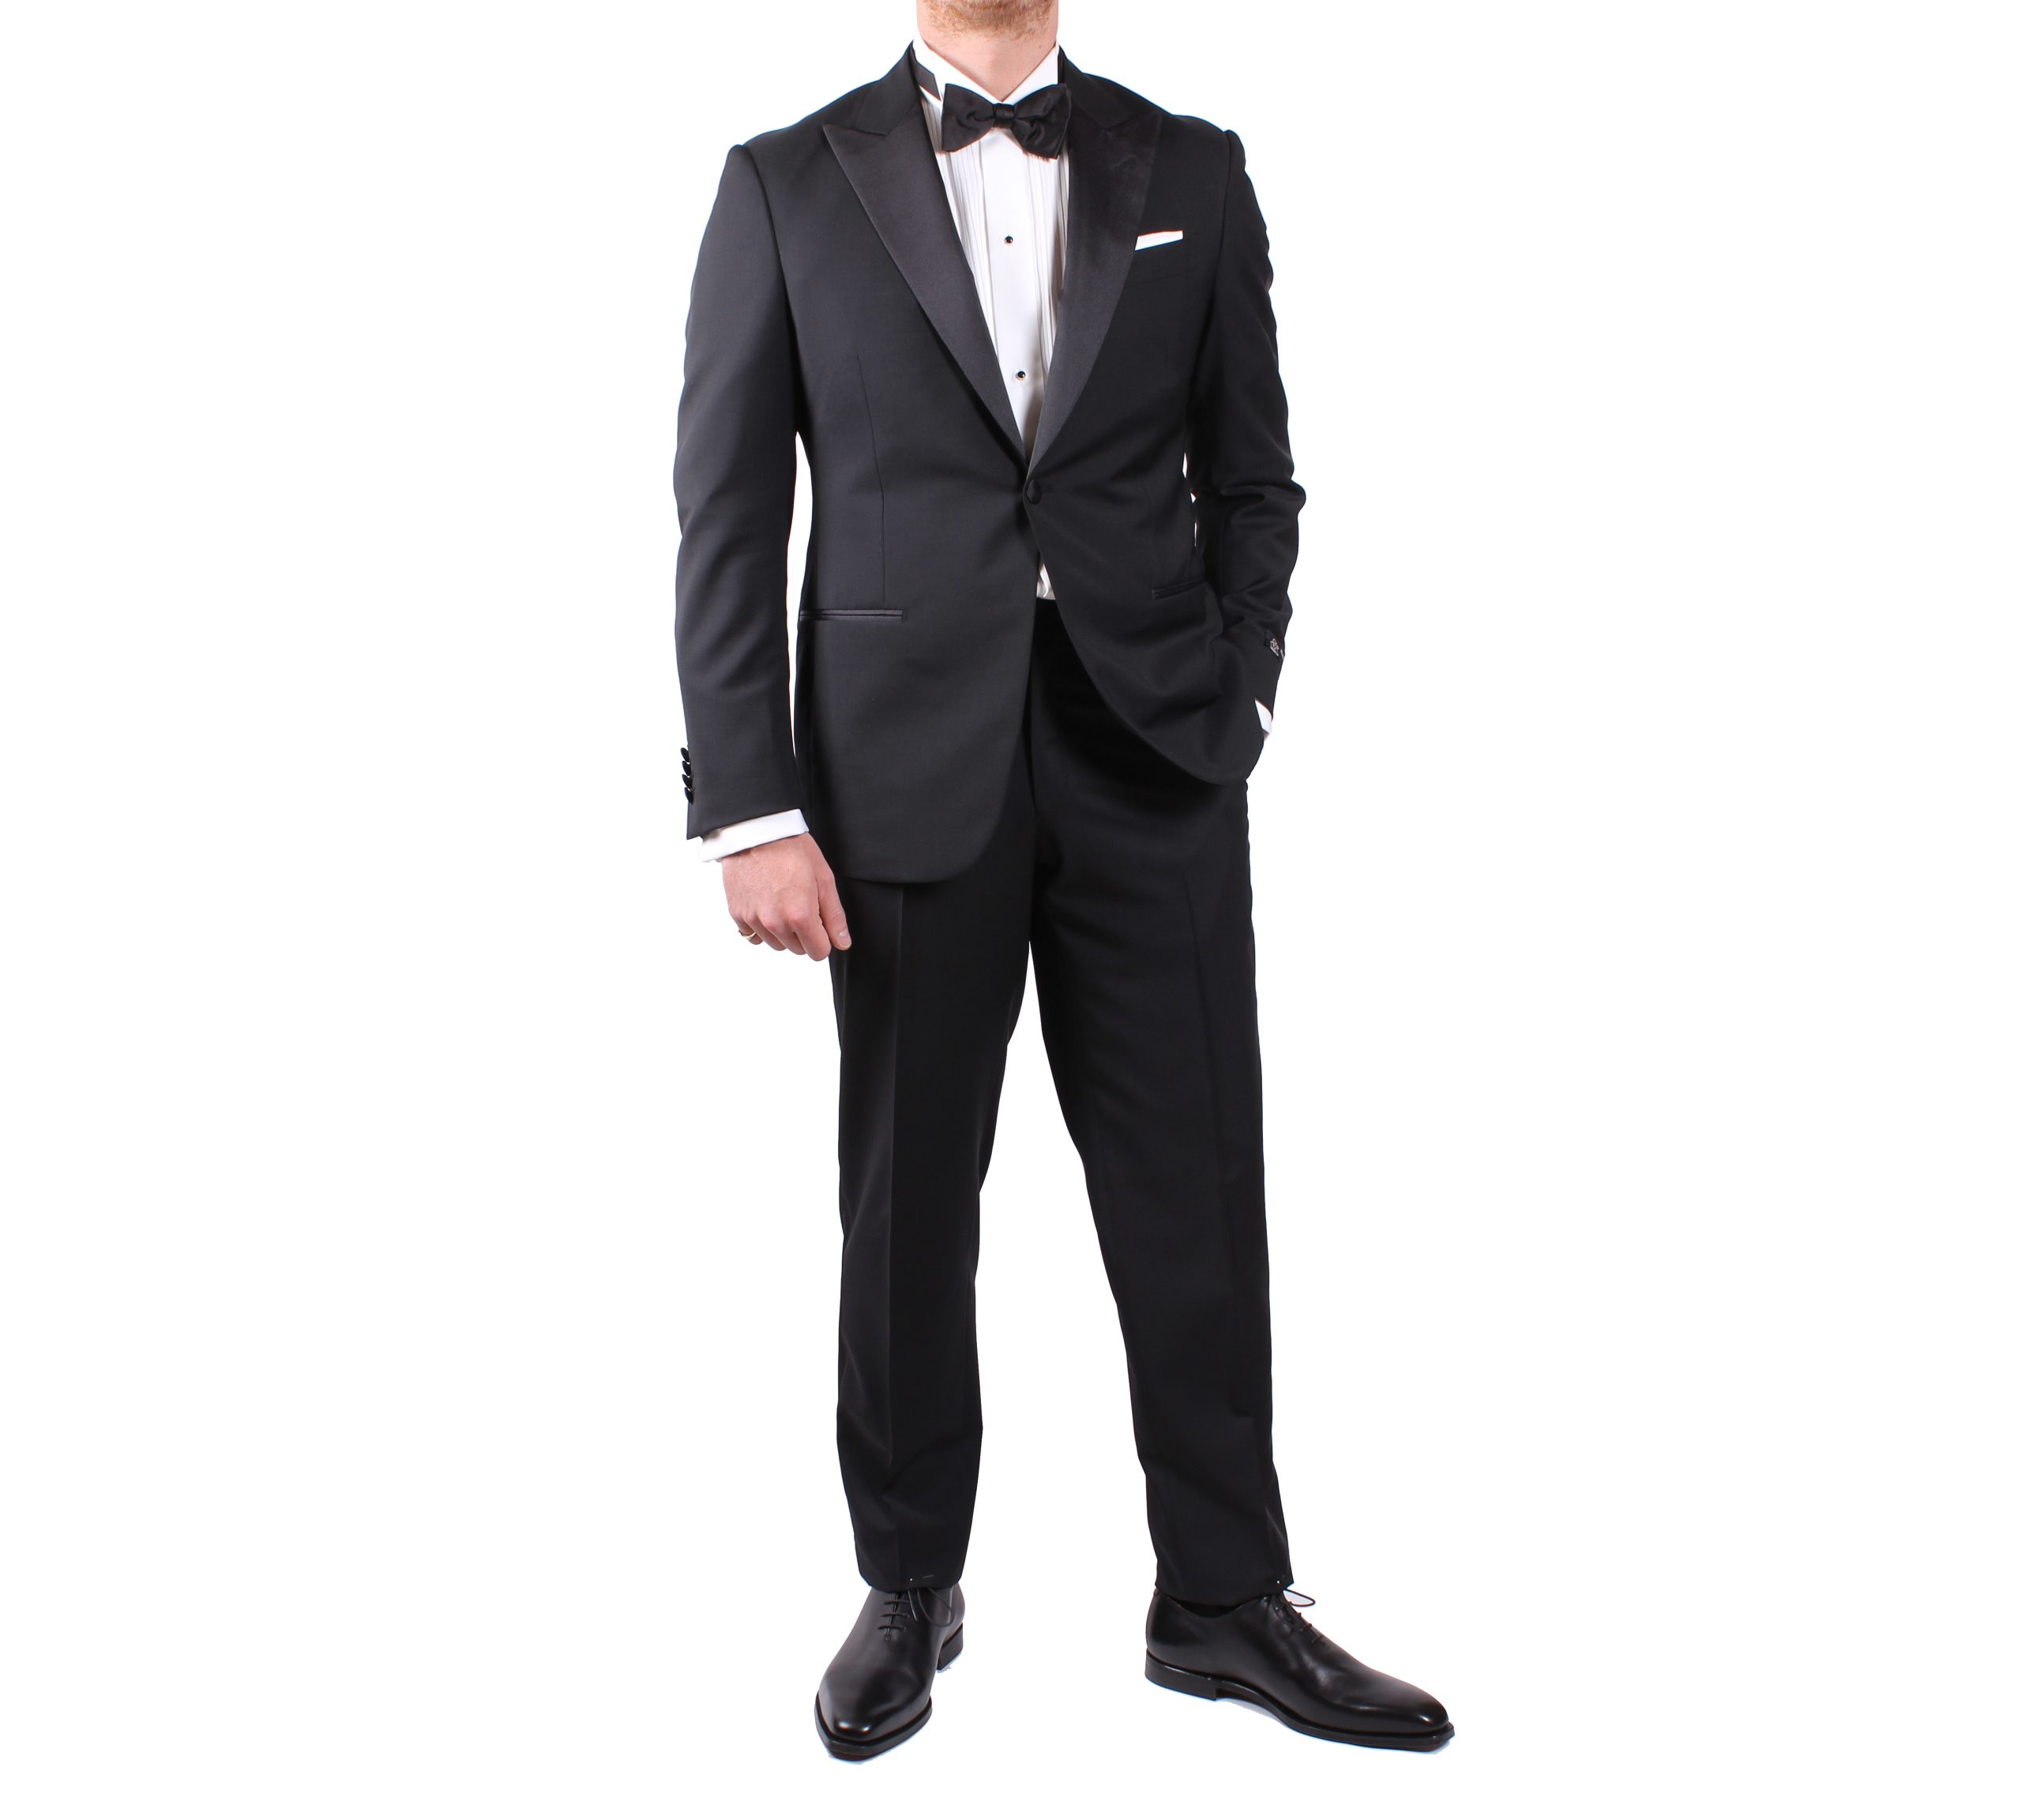 James Bond Alex Outfit